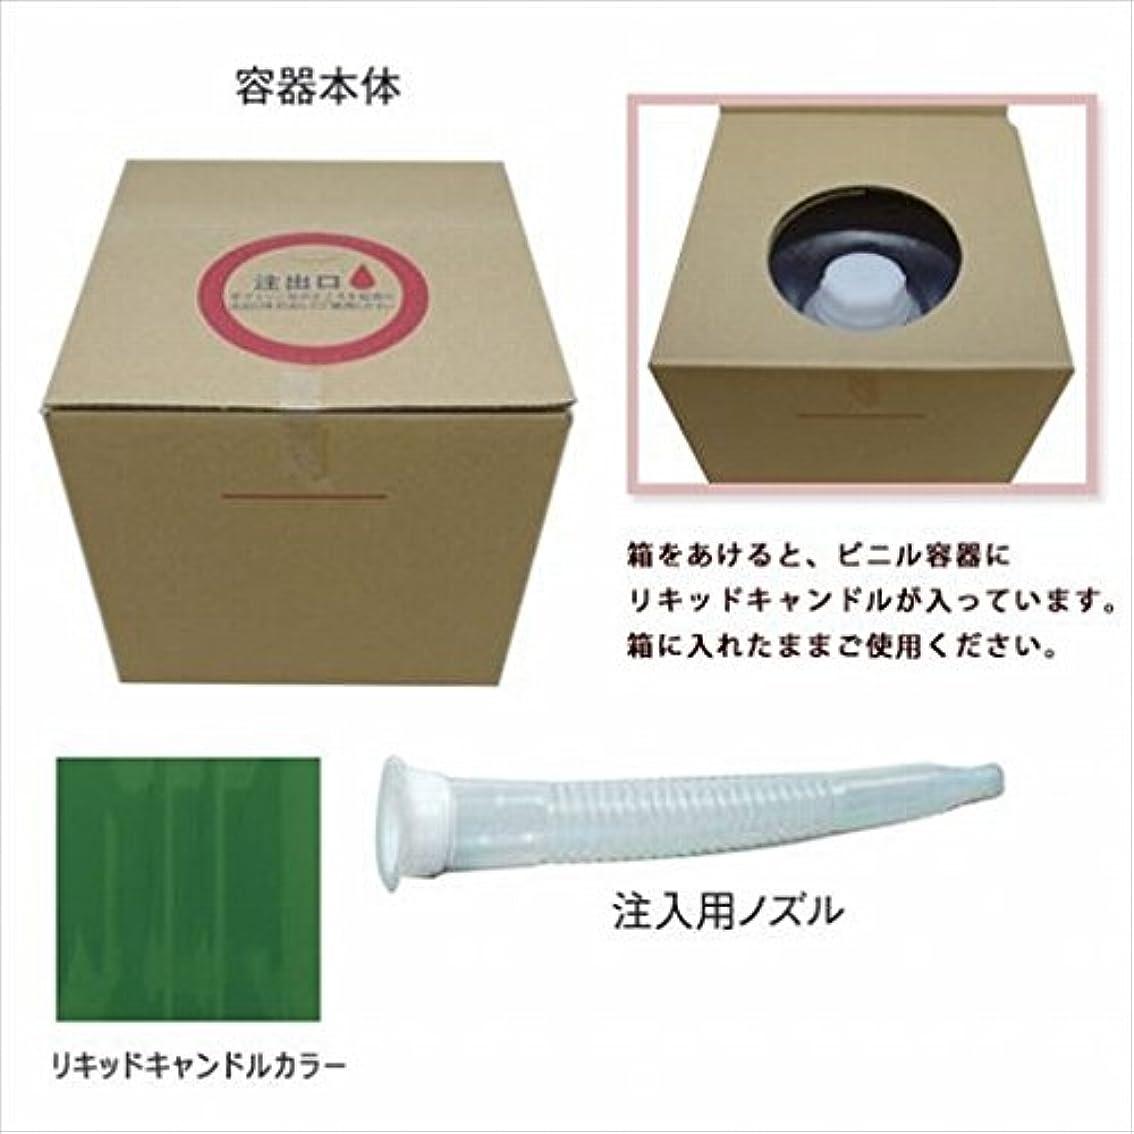 ヘクタール驚記憶に残るカメヤマキャンドル(kameyama candle) リキッドキャンドル5リットル 「 グリーン 」